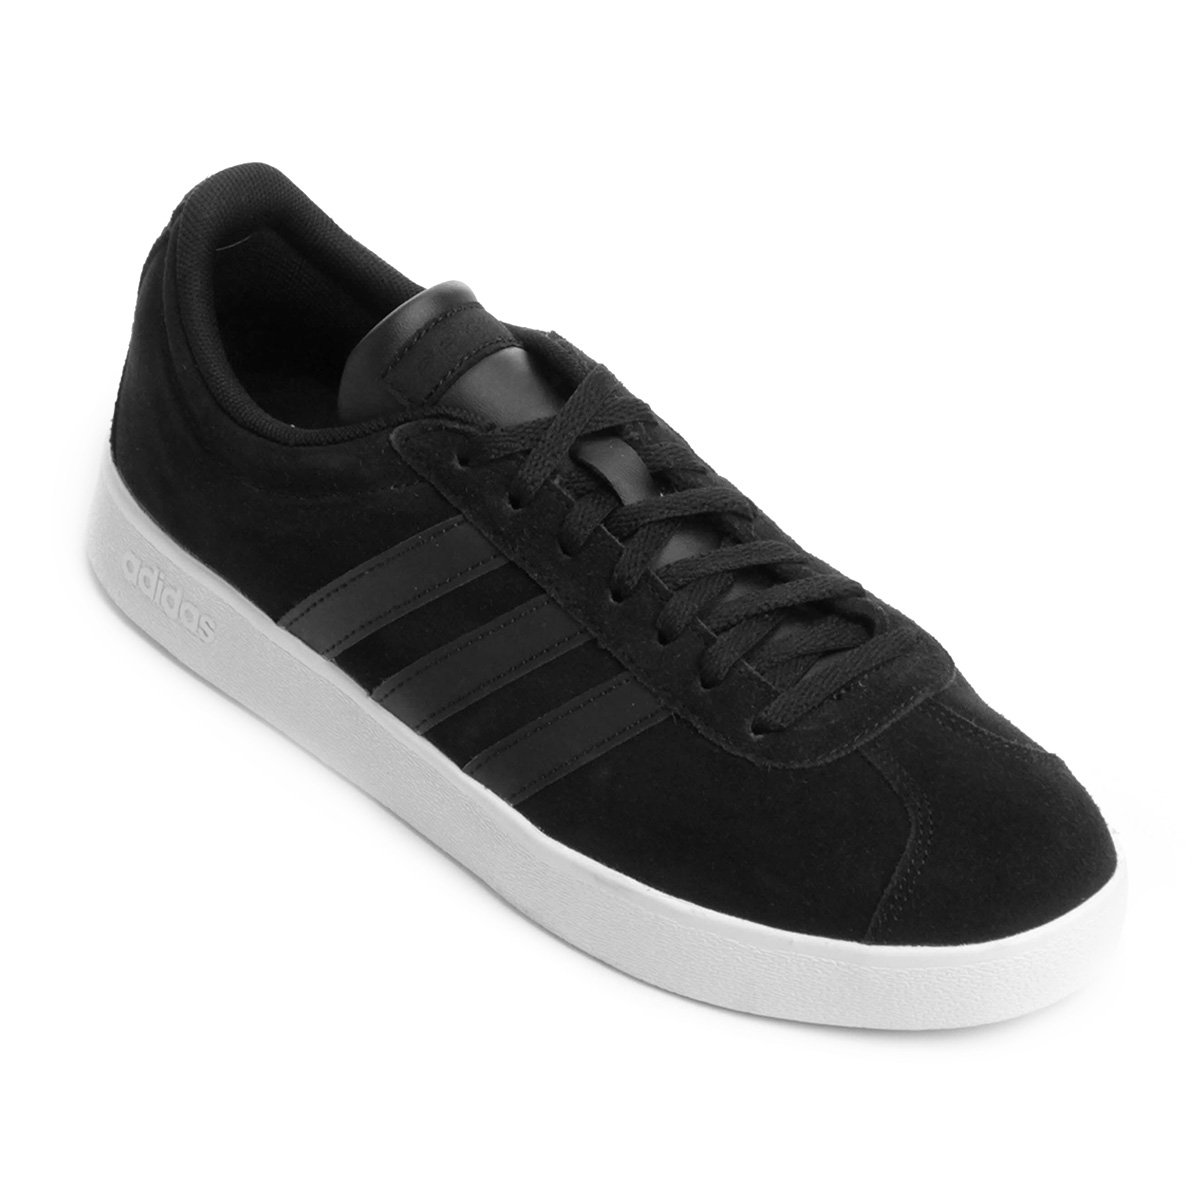 Tênis Adidas Vl Court 2 Masculino - Compre Agora  e2f064ae6f5cc